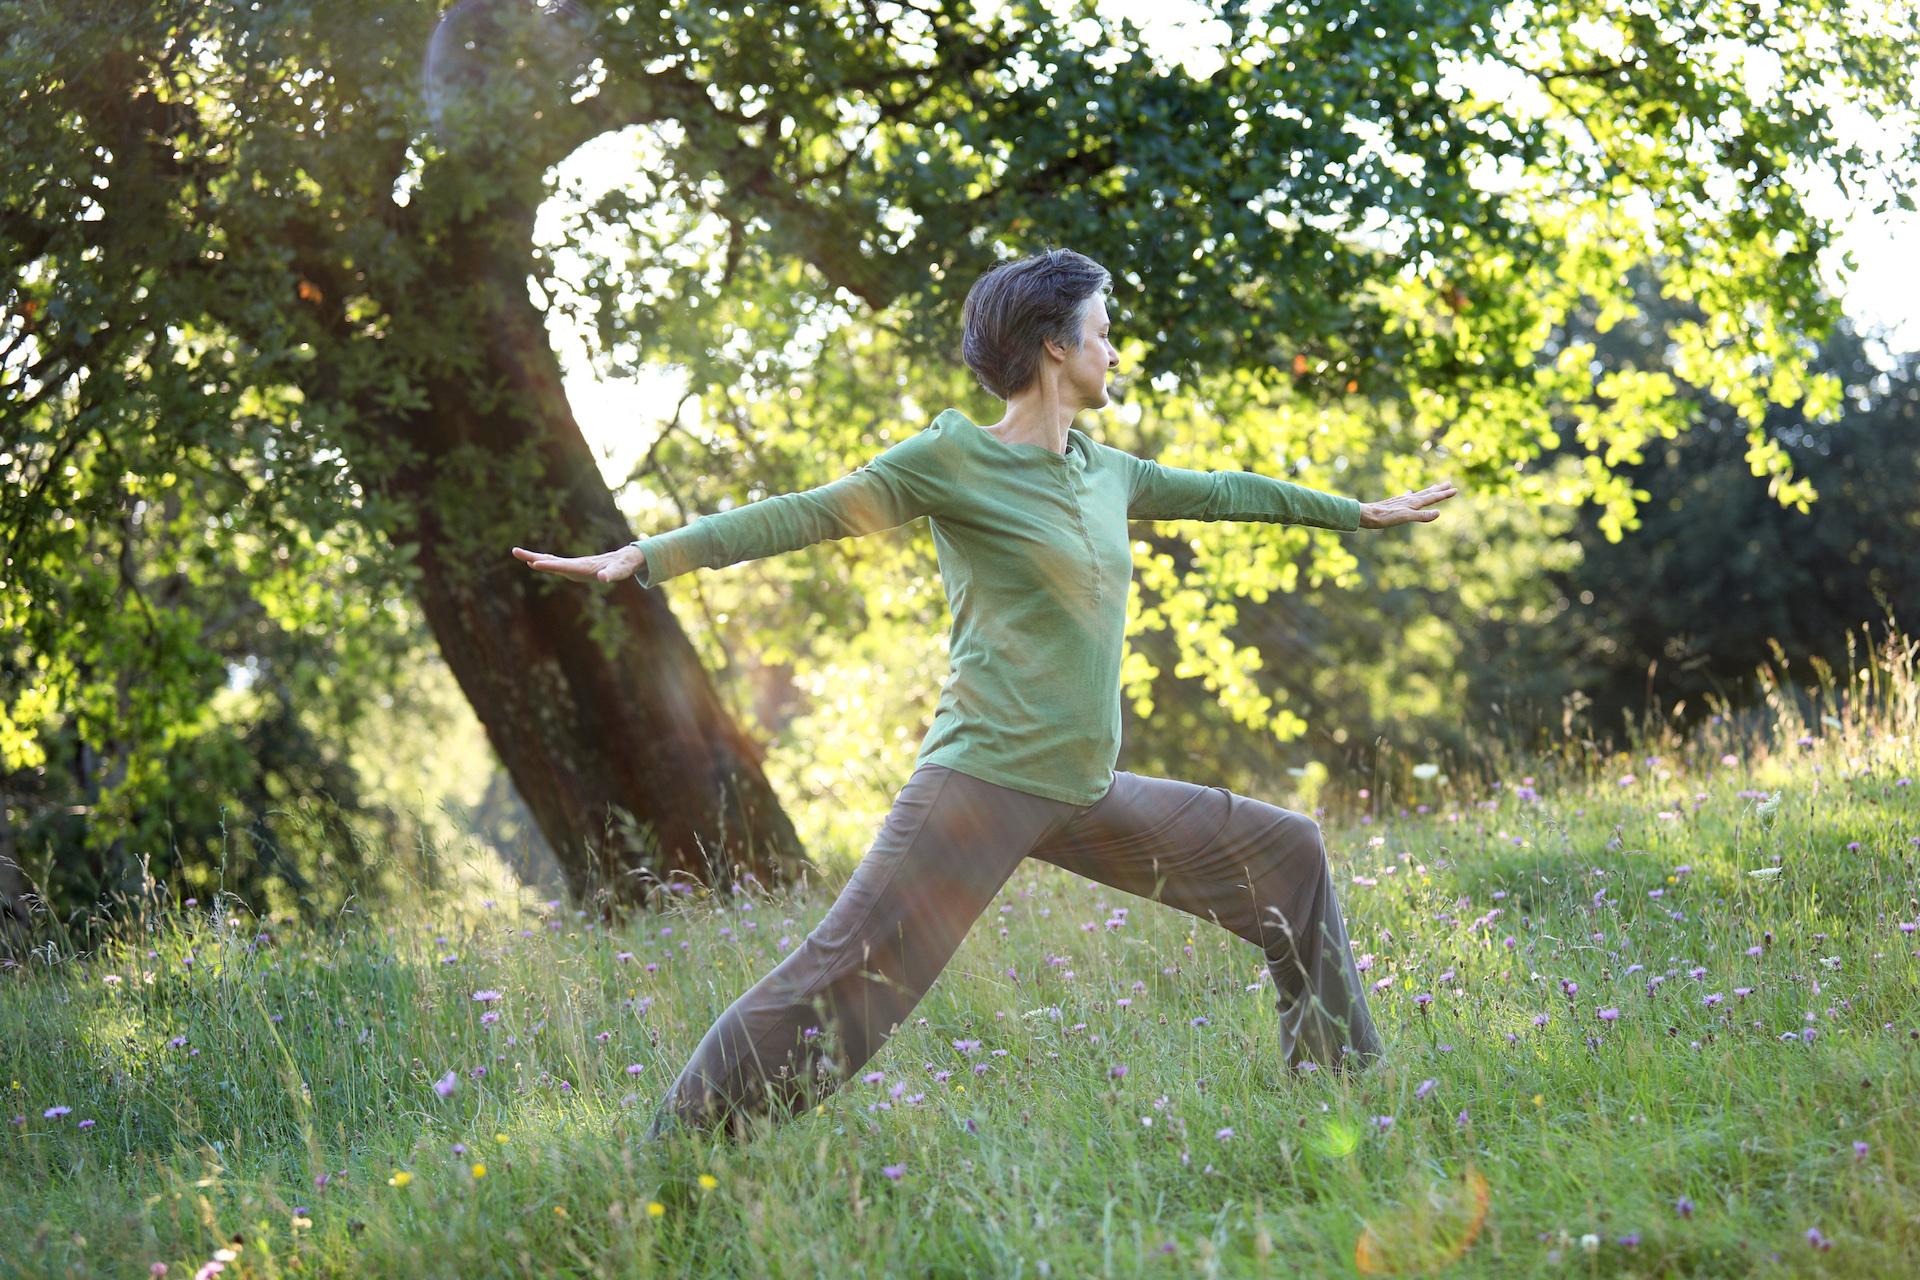 Yogaposition der Krieger: Simone Finger zeigt das Asana virabhadrasana 2 in der freien Natur. Komm in deine Kraft!